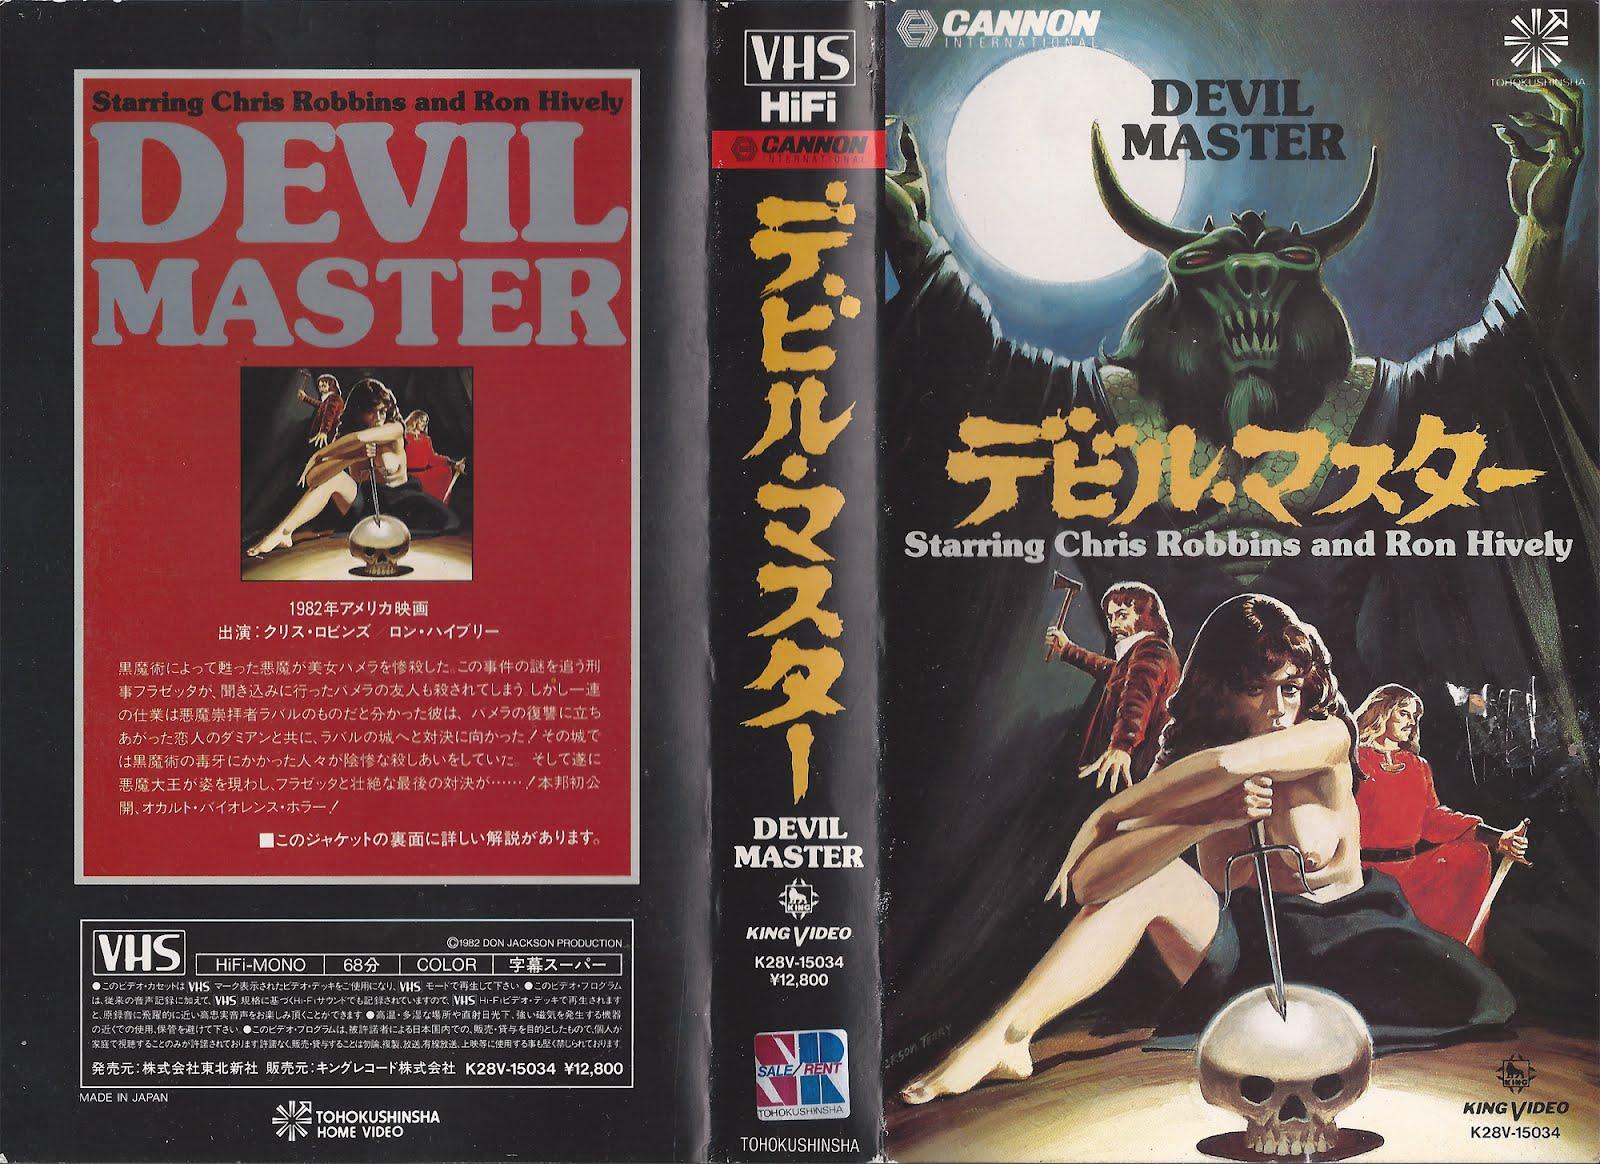 The Devil Master (1977) Japanese VHS Cover